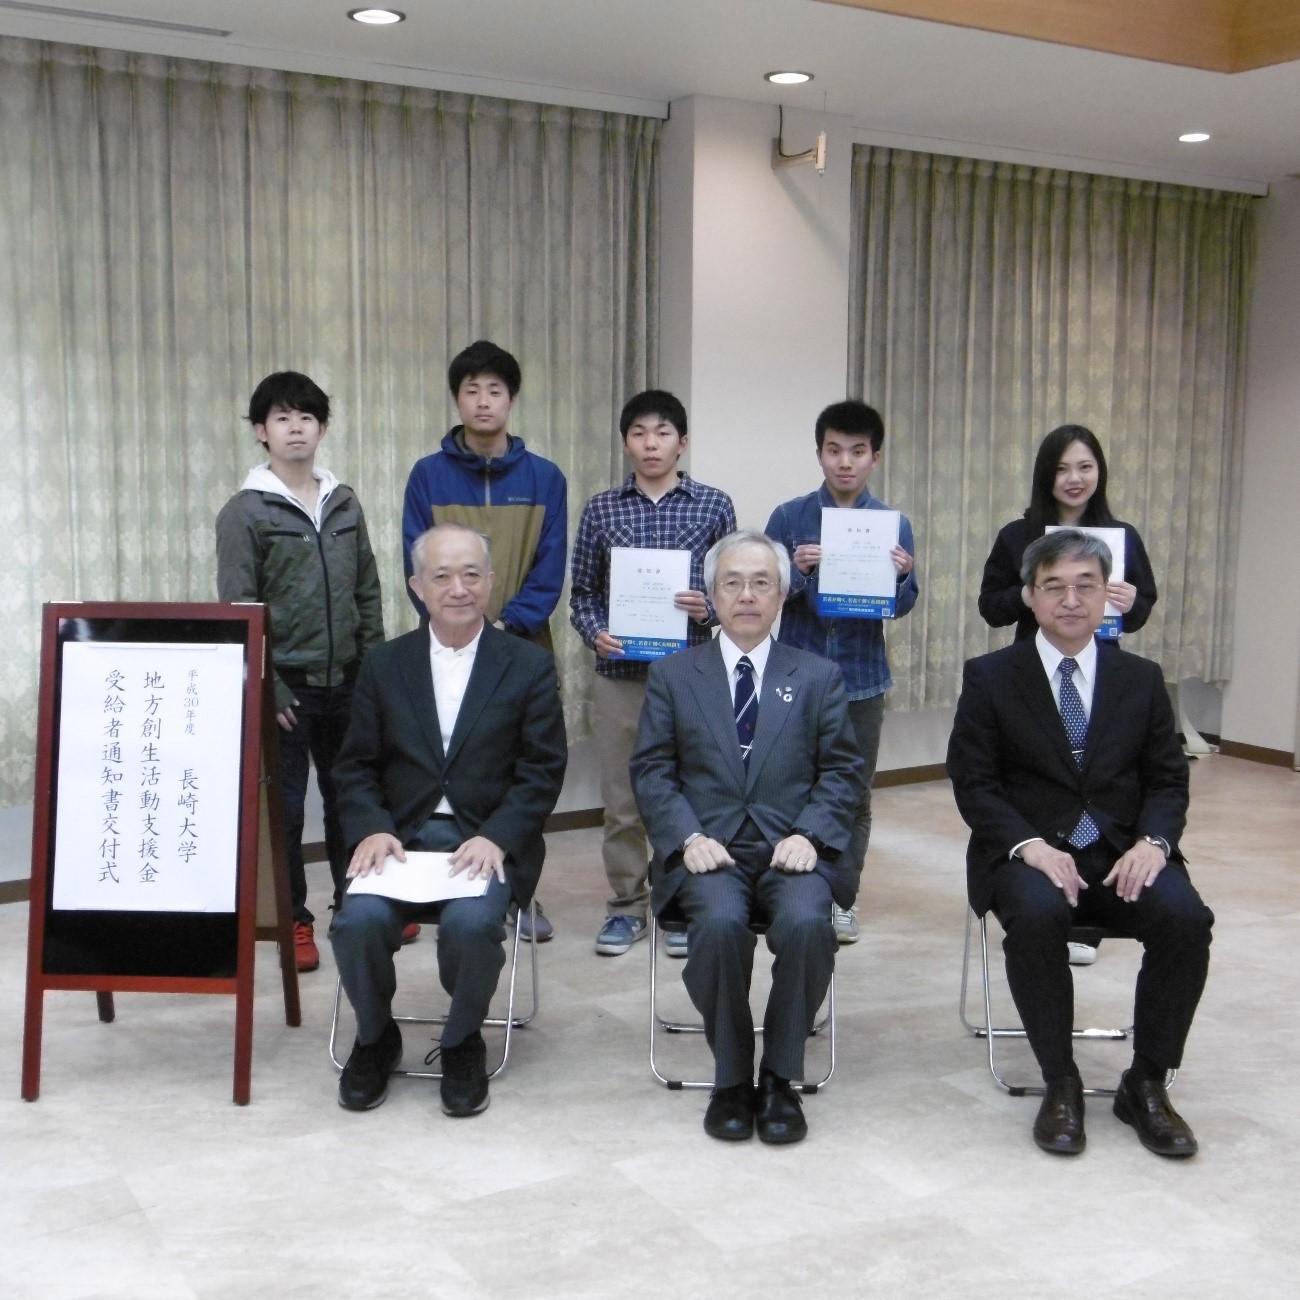 長崎大学地方創生活動支援金受給者決定